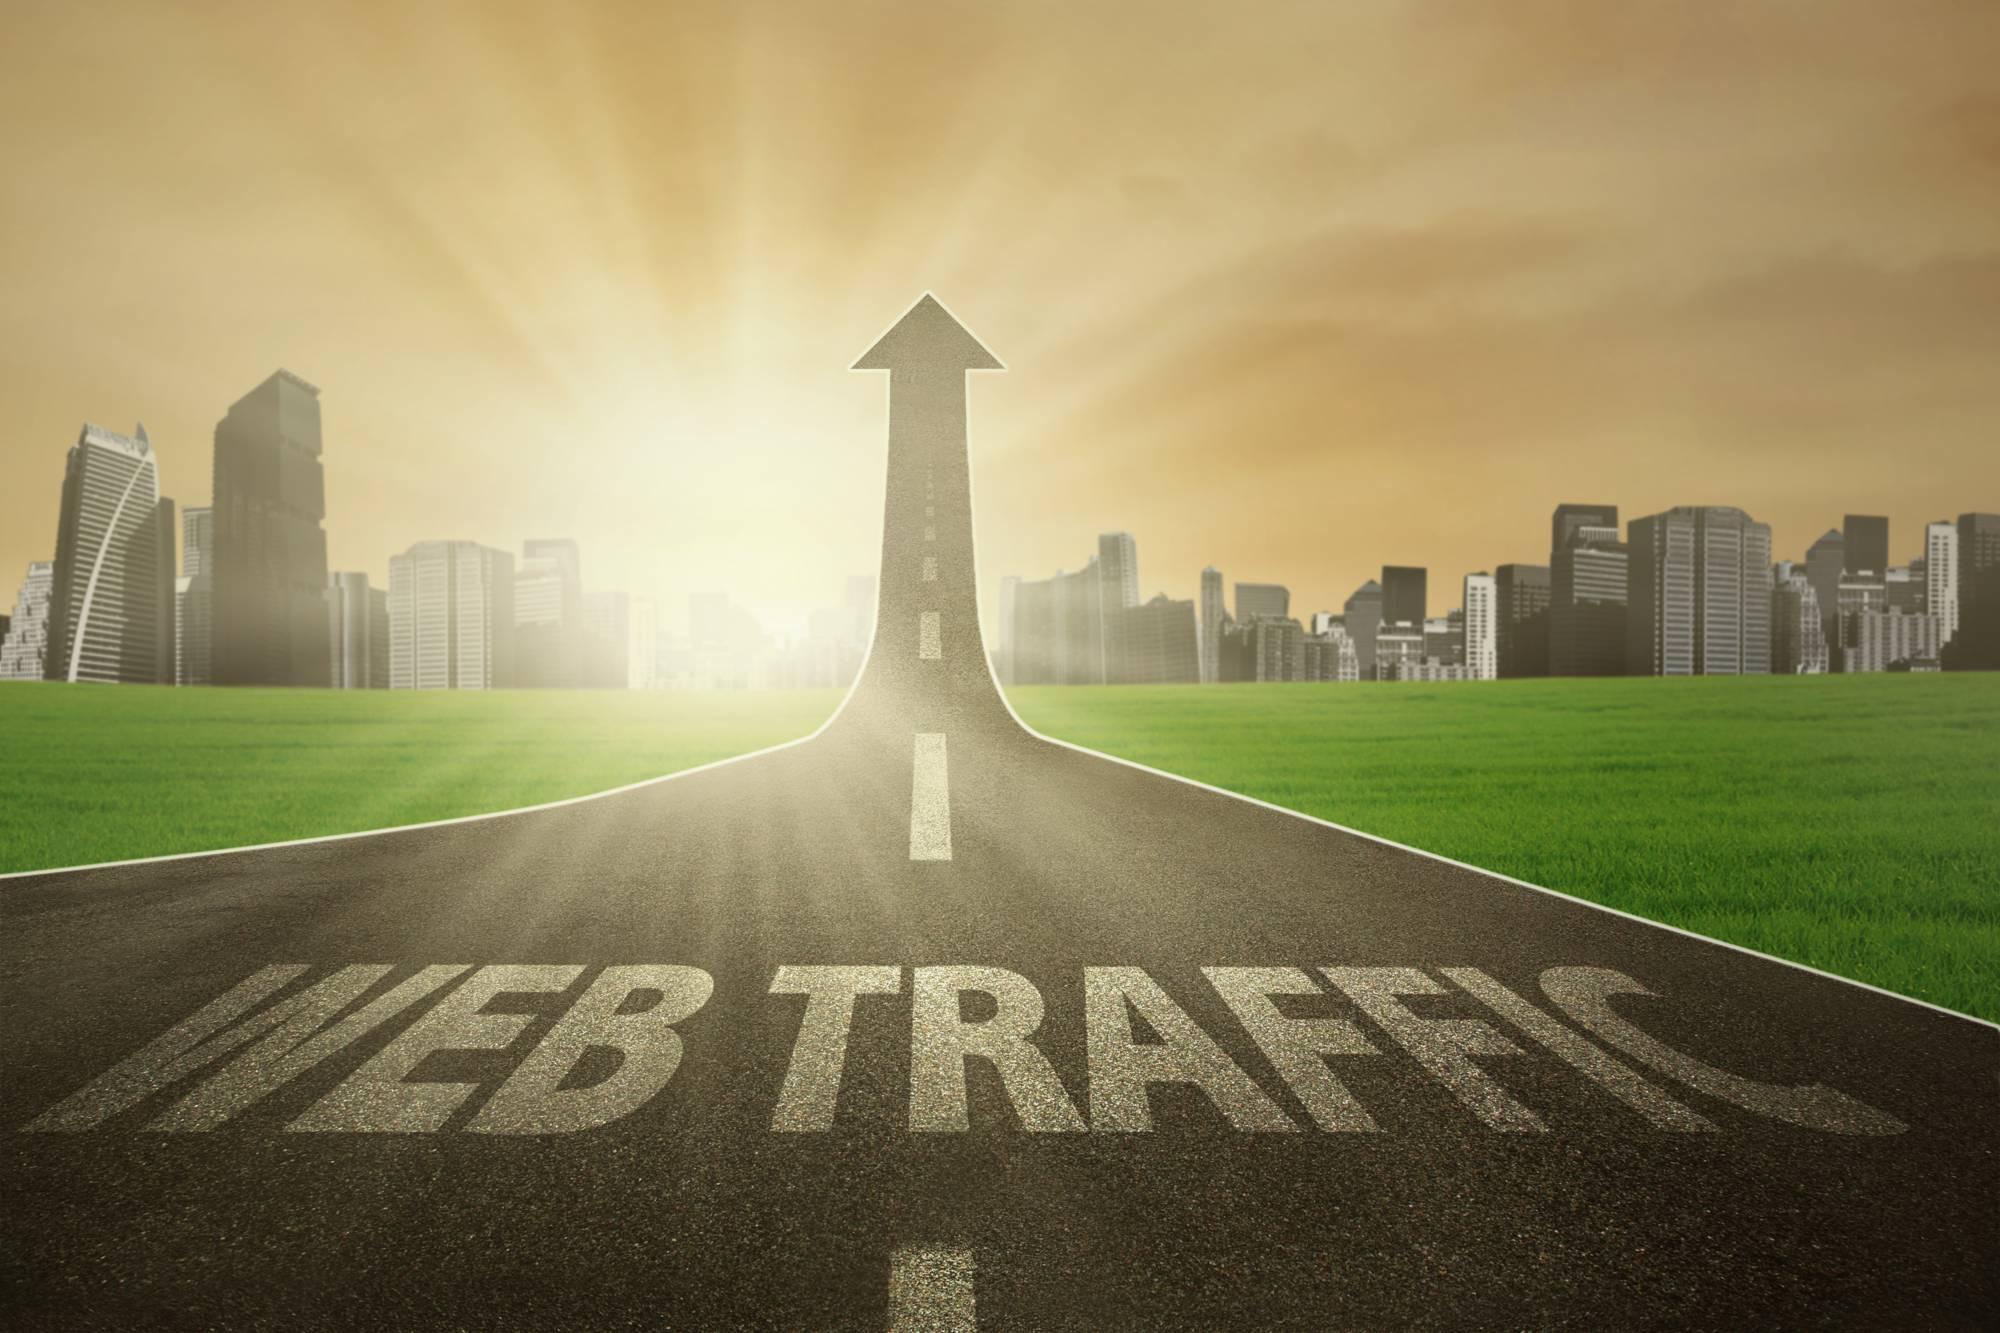 Création de contenu web sur Google grâce à la formation